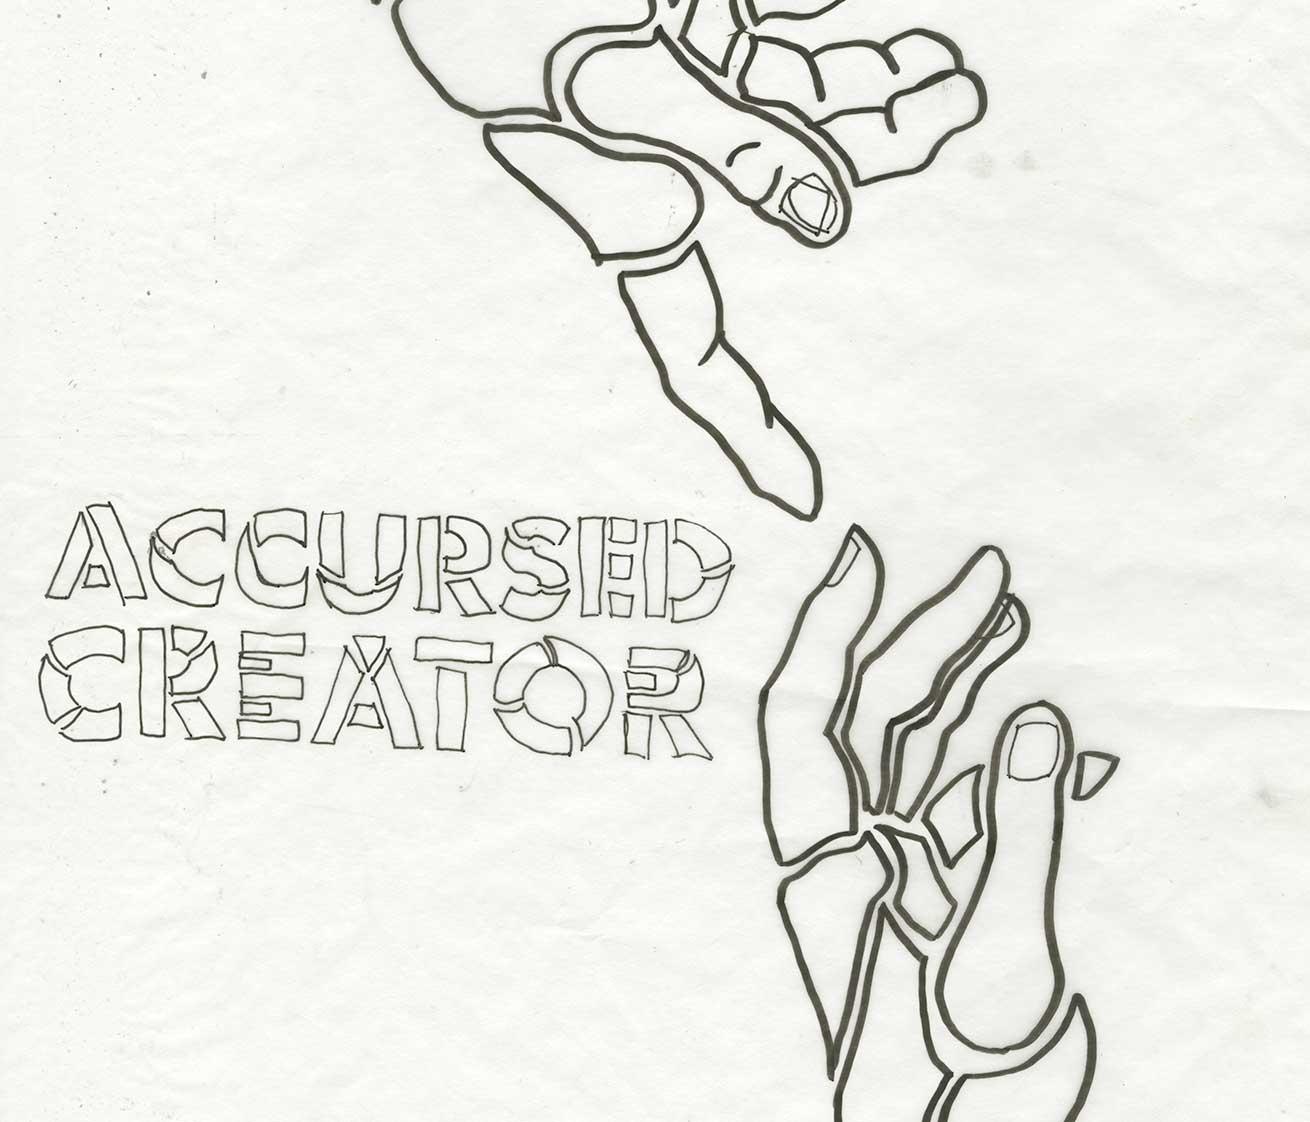 1310x1122 Accursed Creator